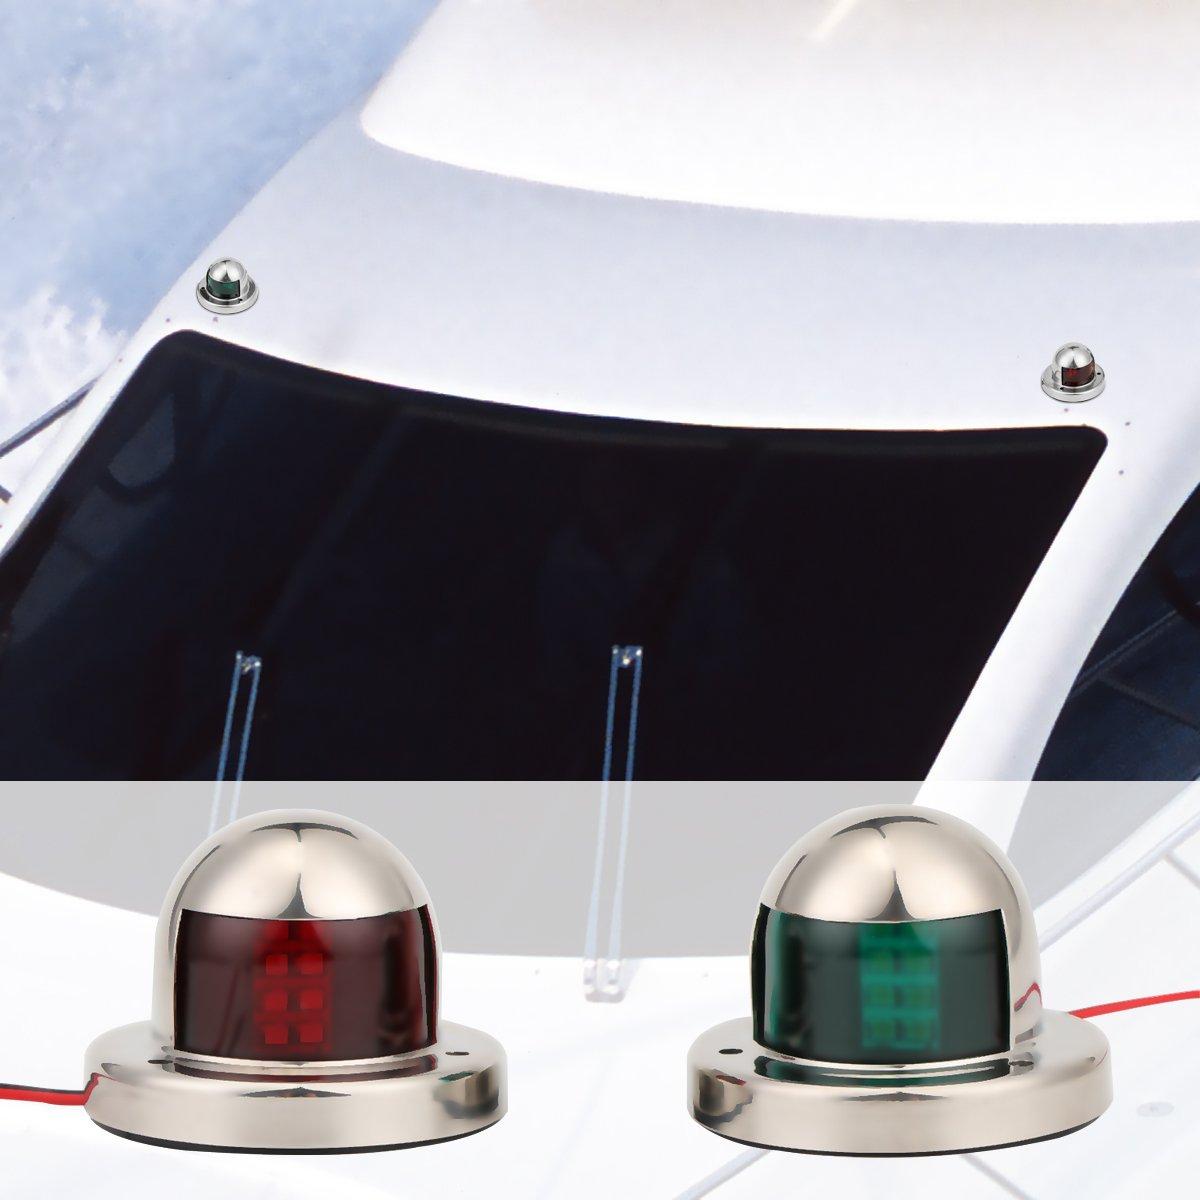 luci di segnalazione di sicurezza dellacciaio inossidabile 2pcs Luci laterali e starboard dellarco rosso e verde dellarco della lampada 12V LEMONBEST Luce di navigazione della barca